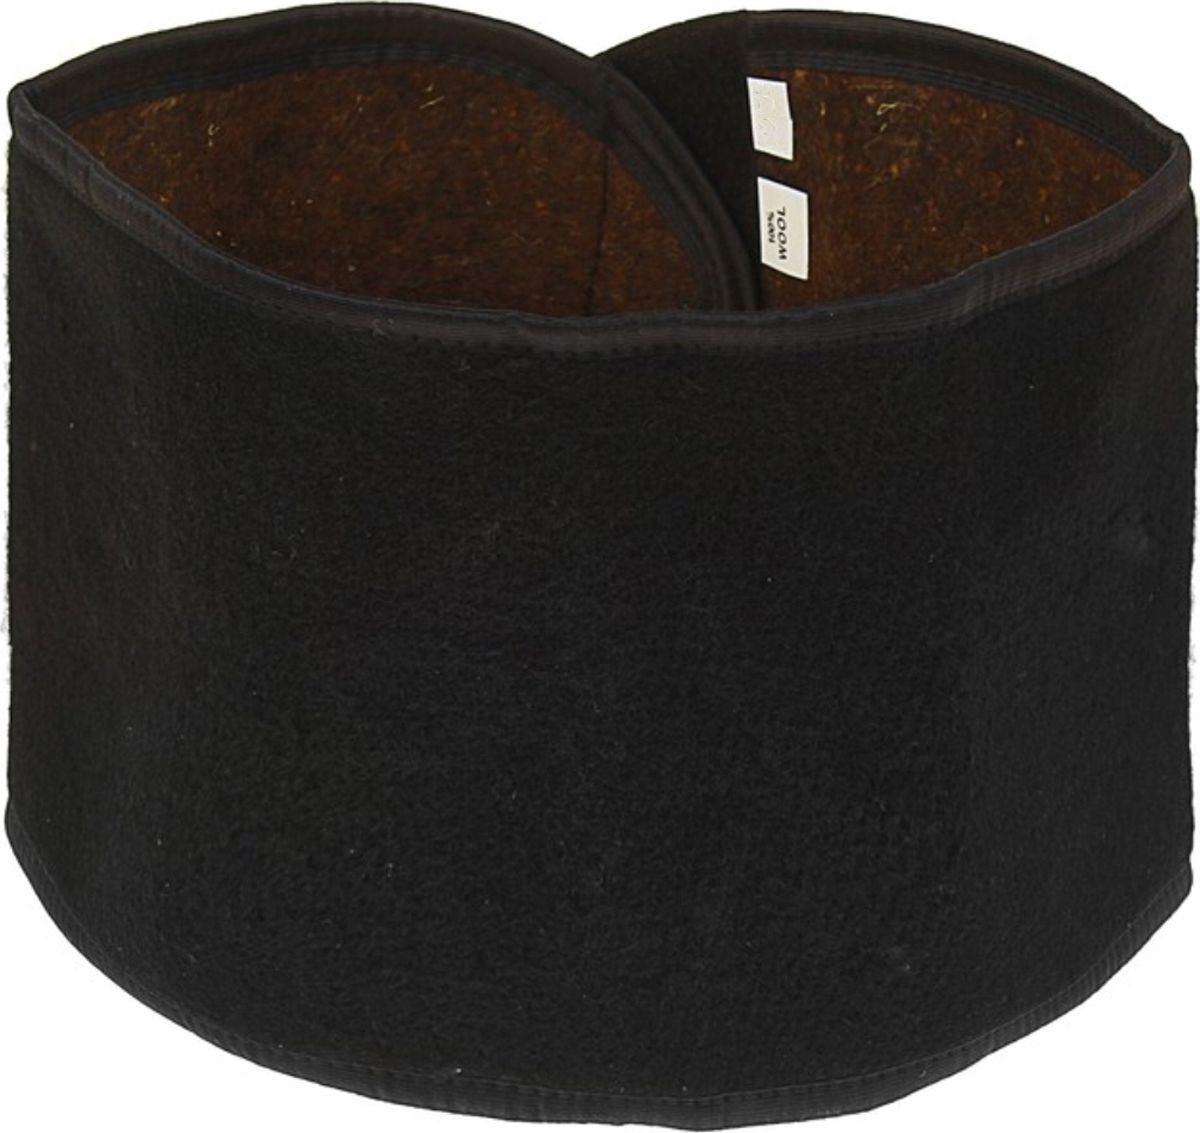 Купить Пояс из собачьей шерсти круг 44-46, Пояс из собачьей шерсти Azovmed круг 44-46